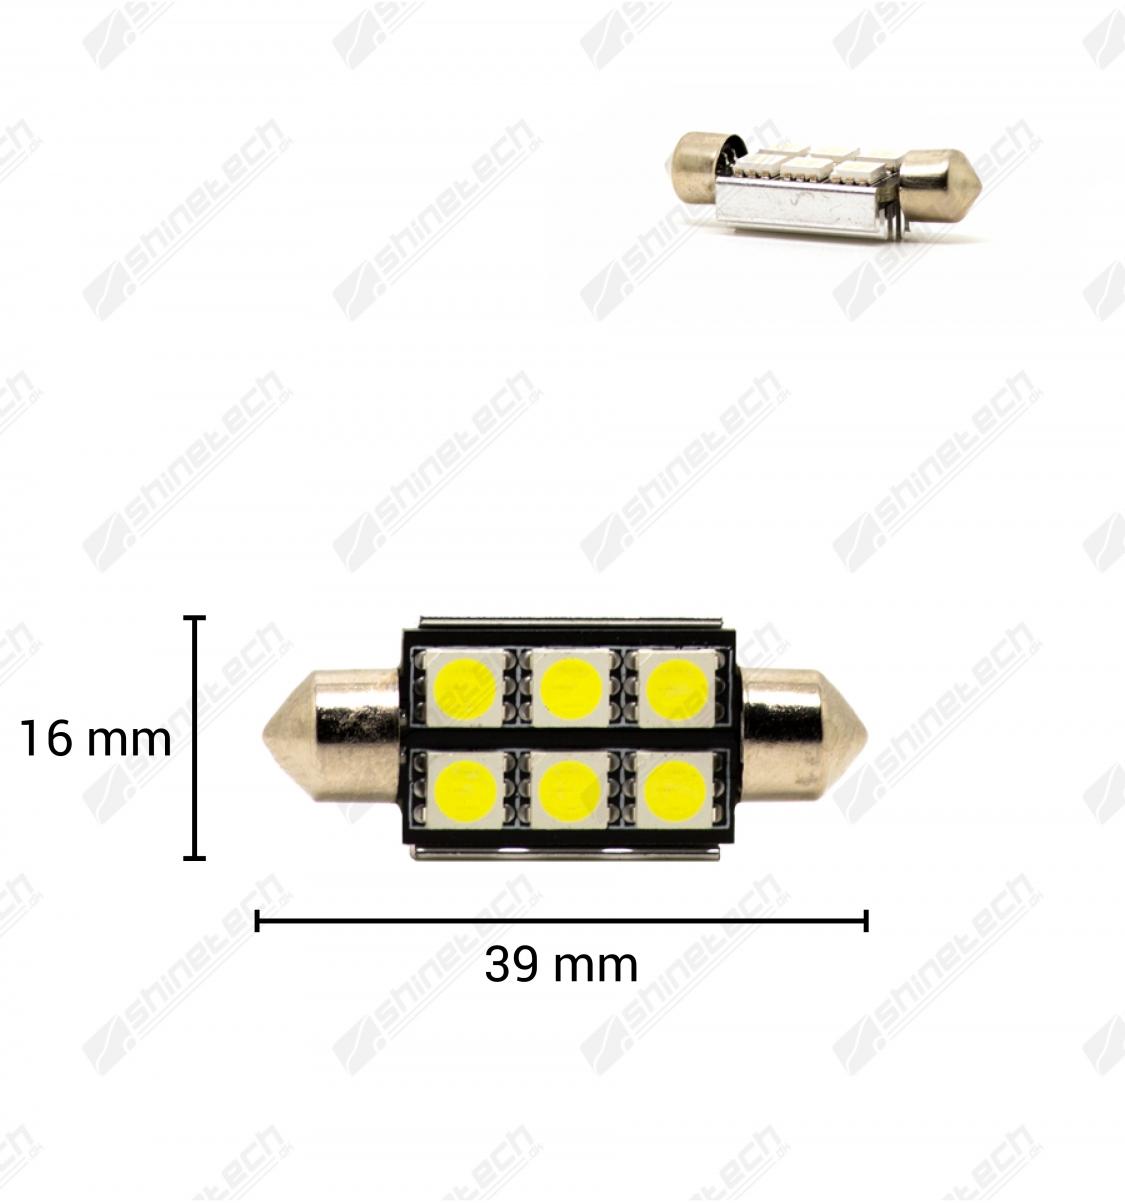 Ungewöhnlich Amperemeter Fotos - Der Schaltplan - triangre.info